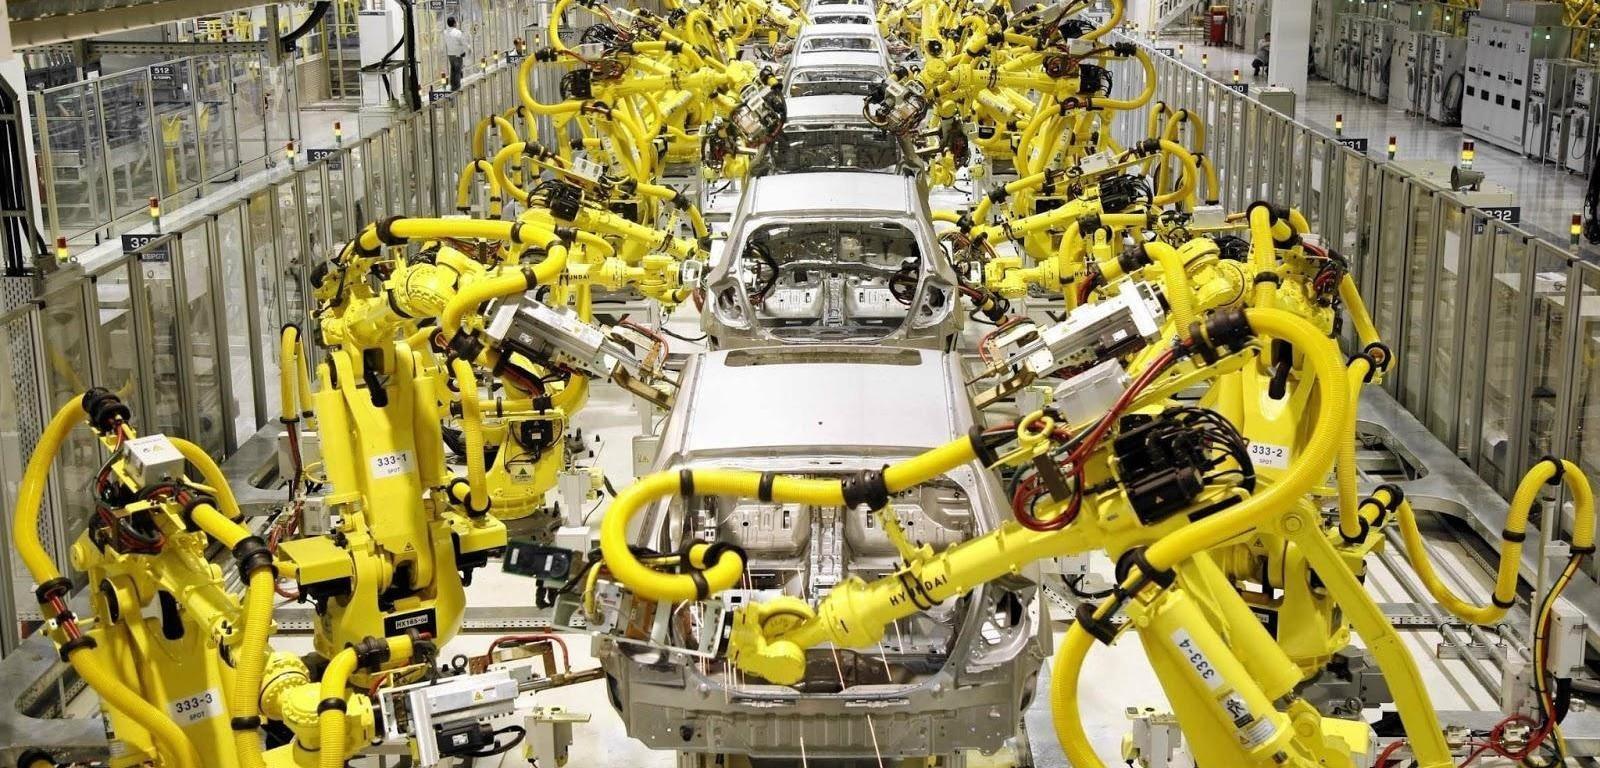 Cánh tay robot trong sản xuất ô tô